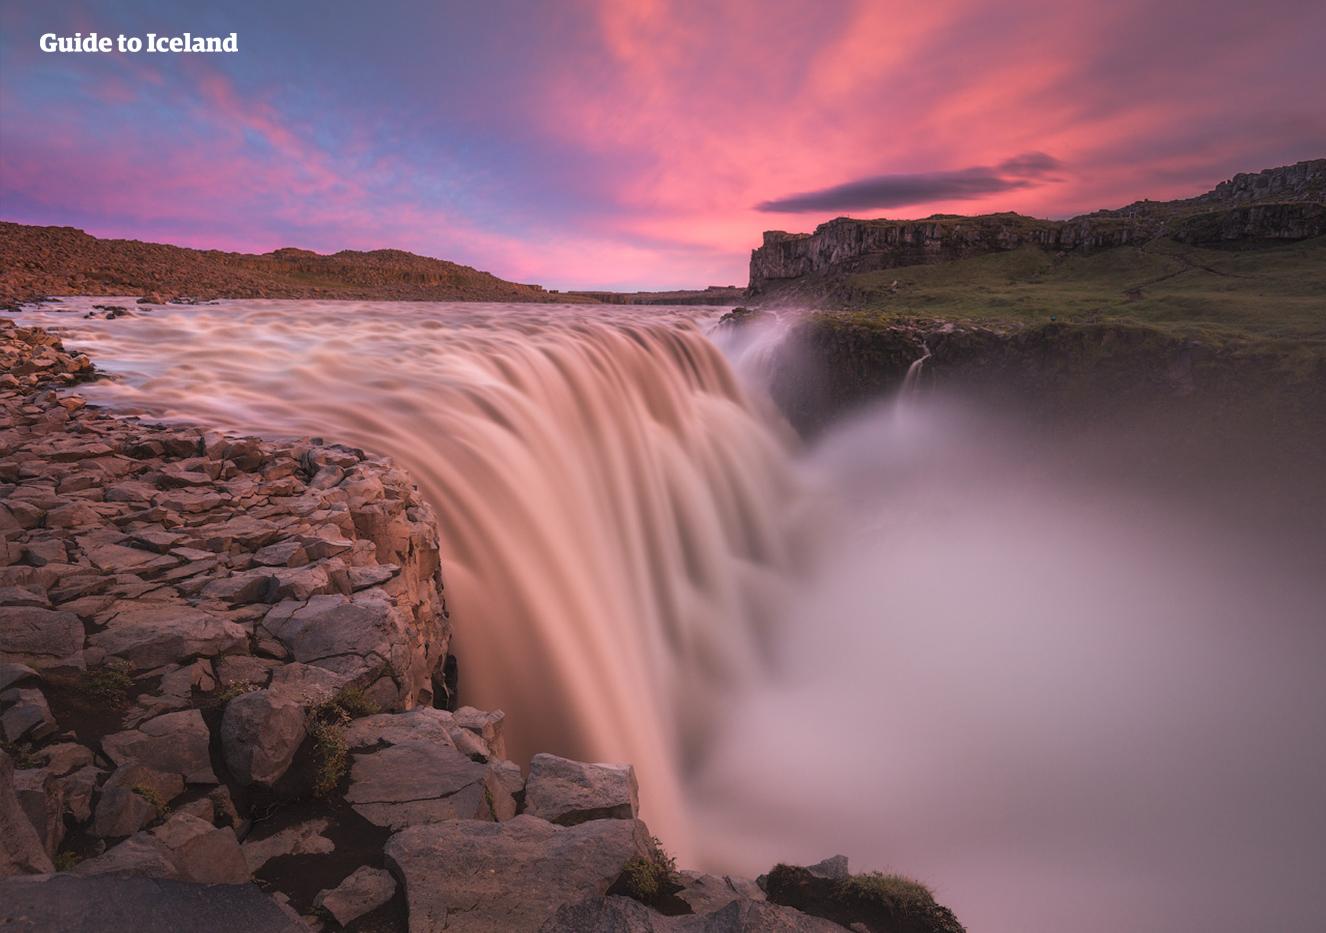 En el norte de Islandia encontrarás Dettifoss, una cascada rugiente e imponente y la cual se rumorea que es la más poderosa de Europa.